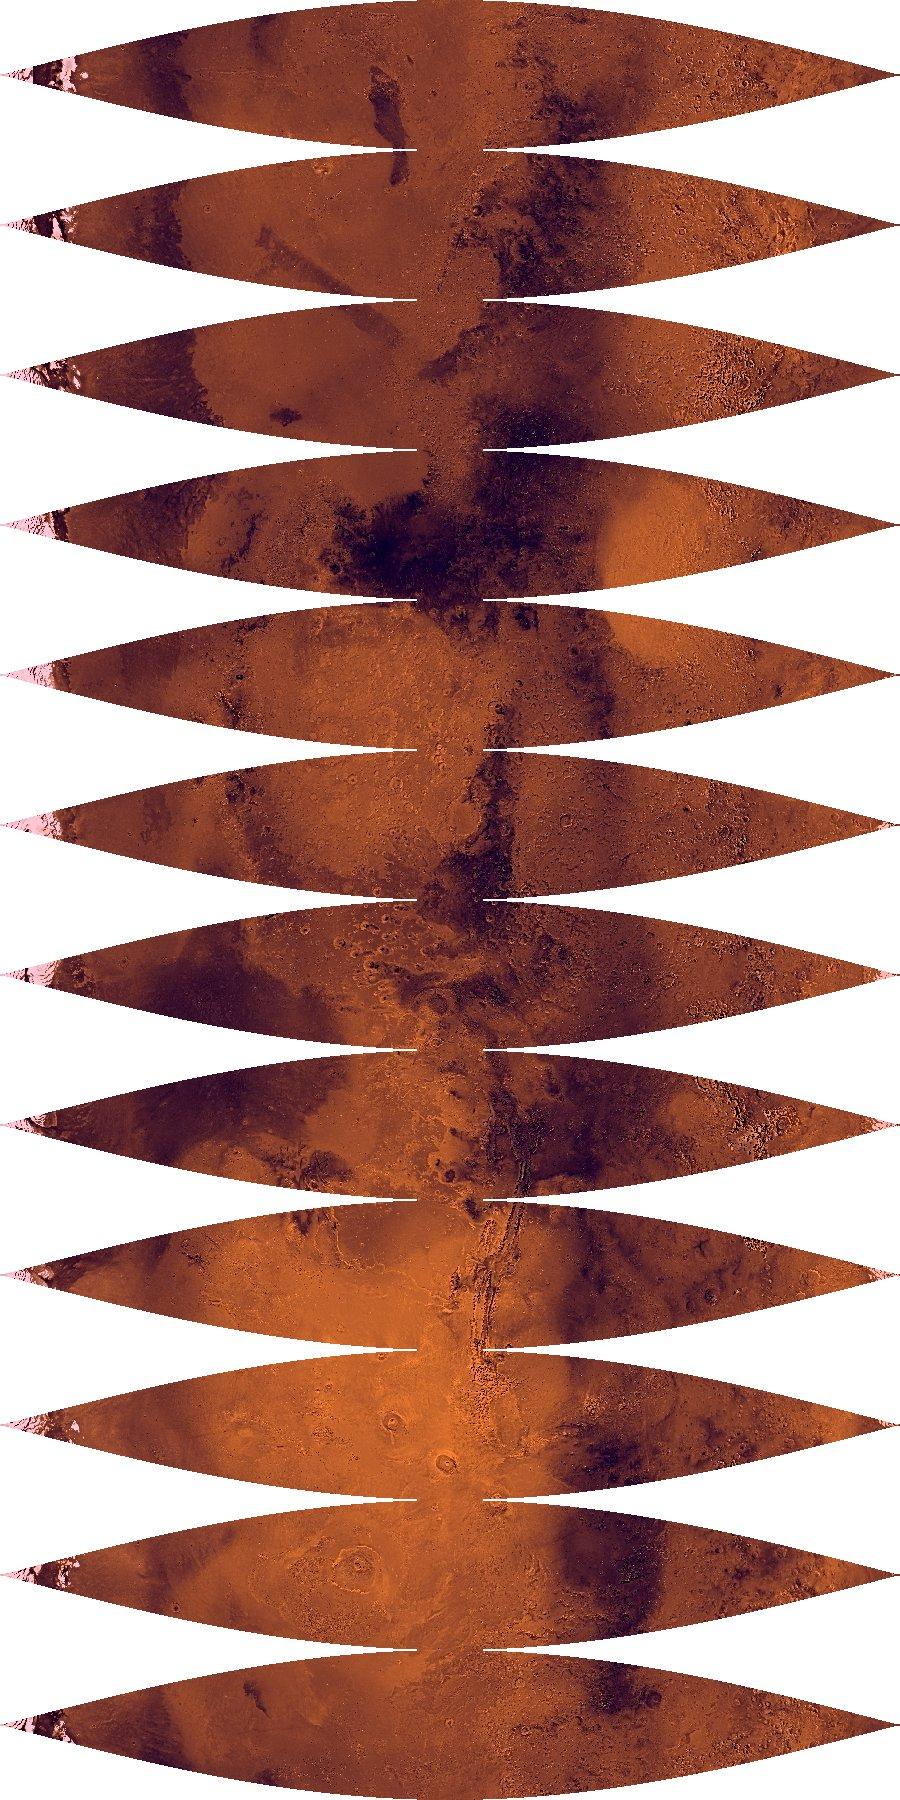 Venus Planet Cut Out Templates - Pics about space